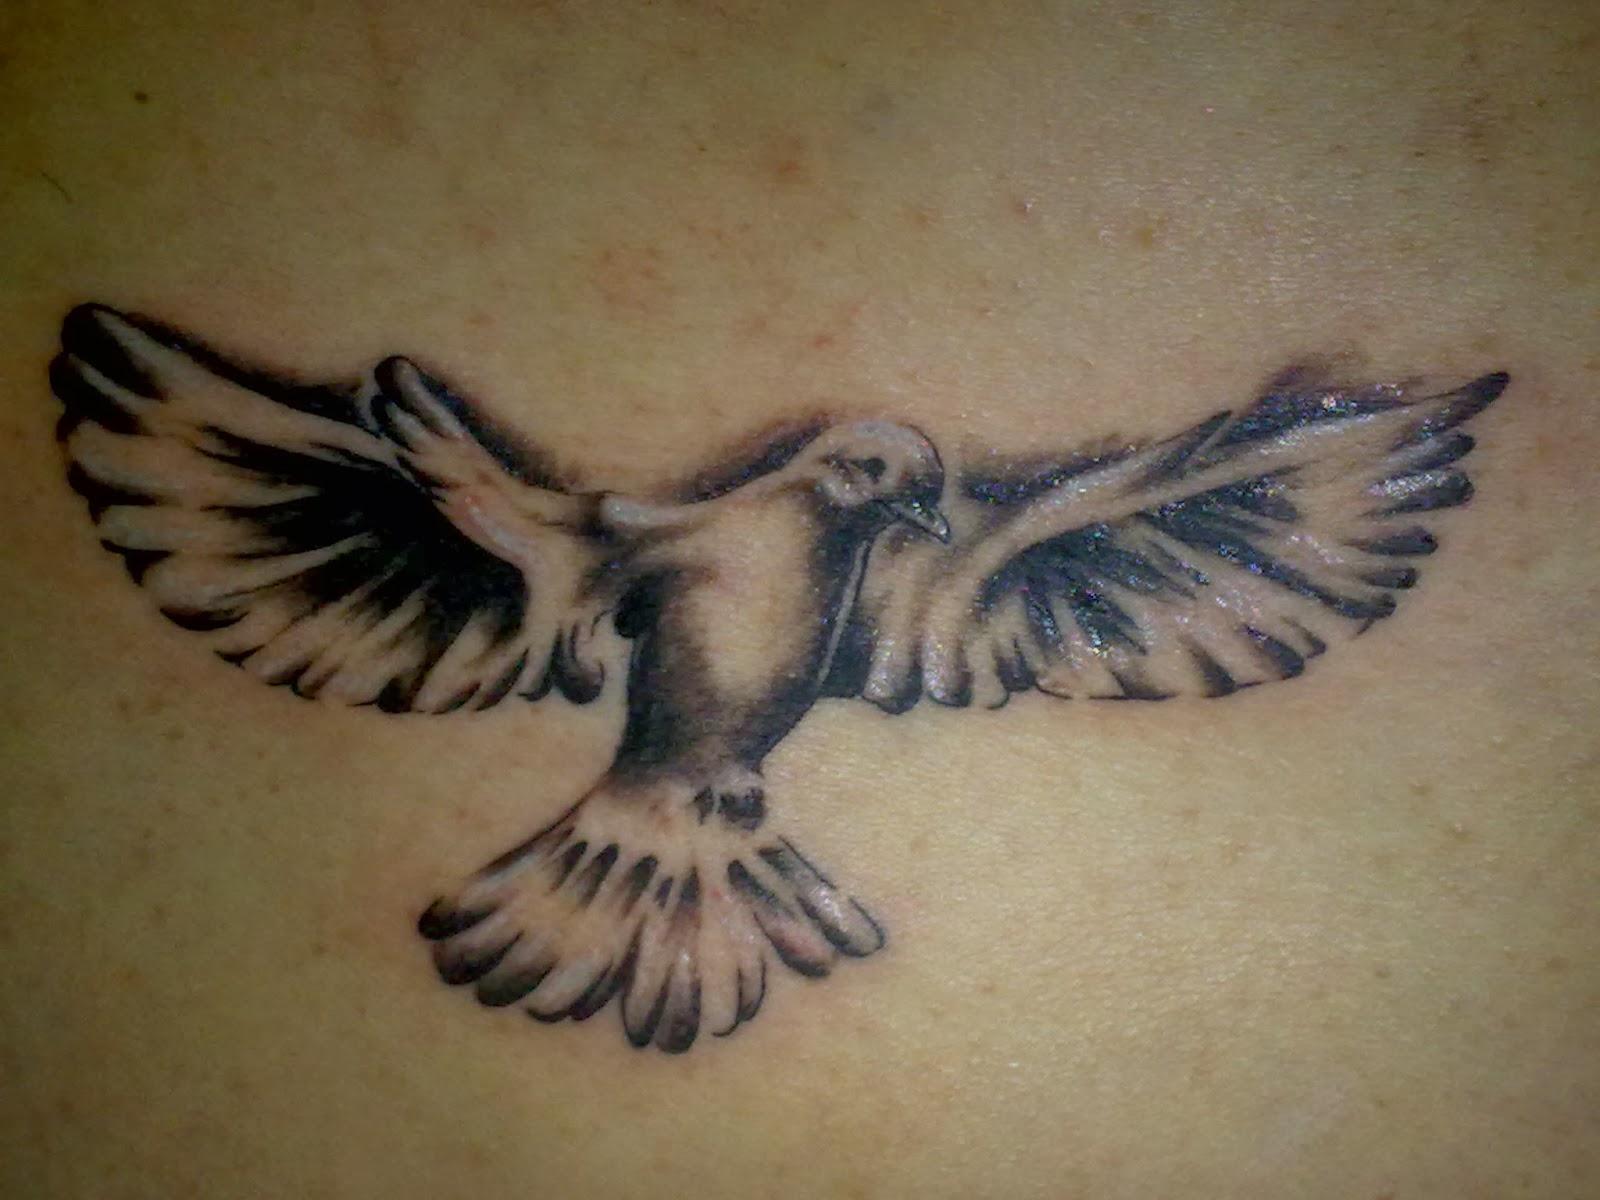 женственные татуировки фото - 50 идей для маленьких красивых татуировок для девушек